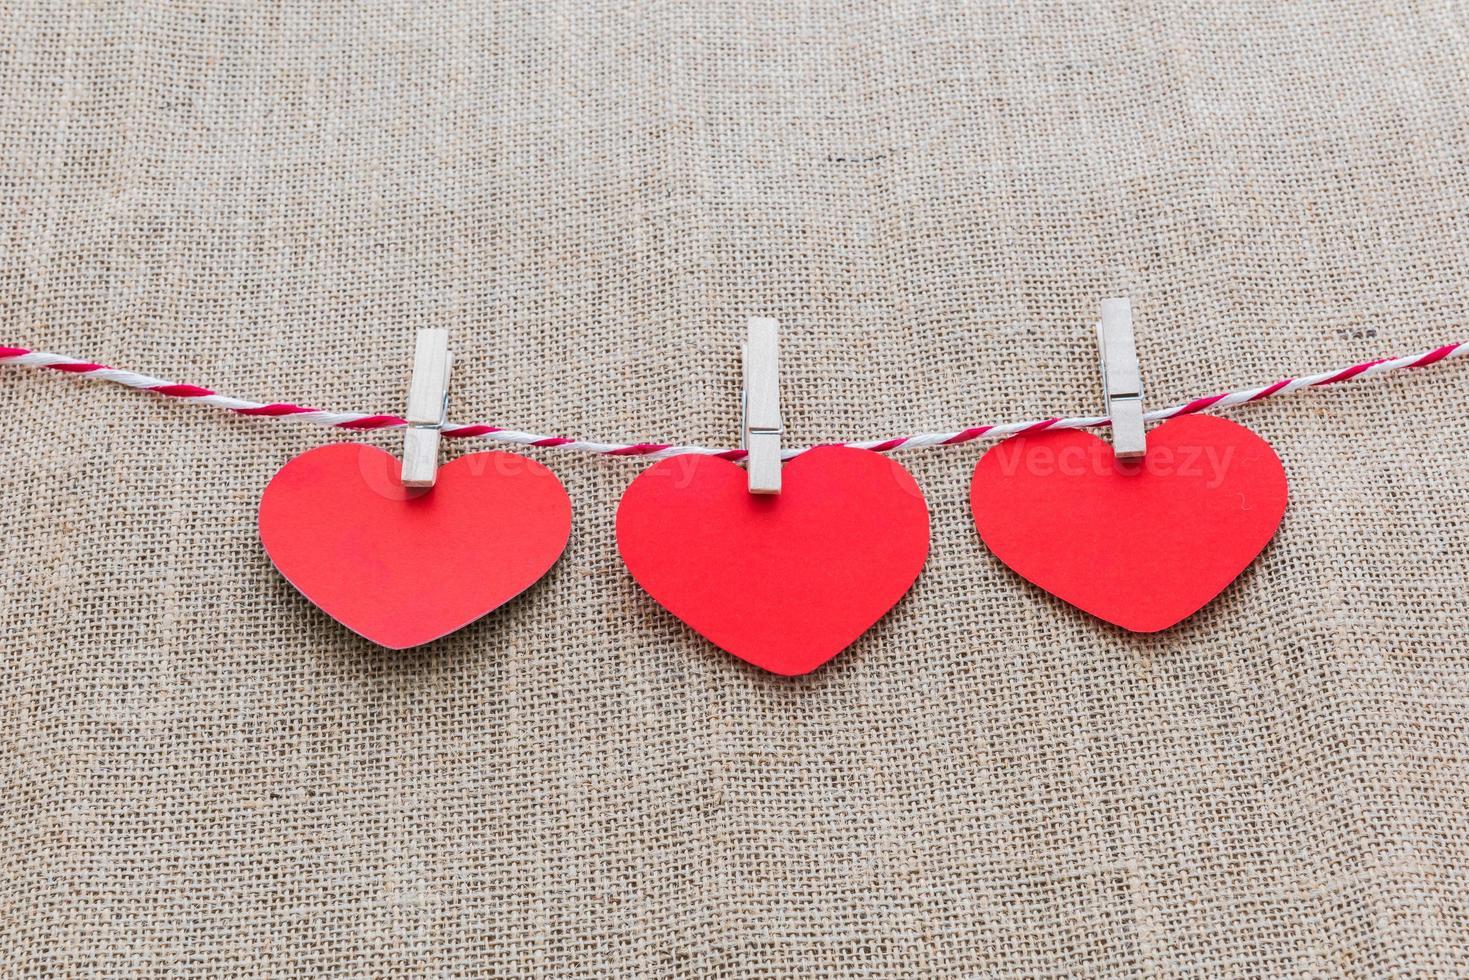 amor coração do dia dos namorados cordão natural e clipes brancos pendurados foto